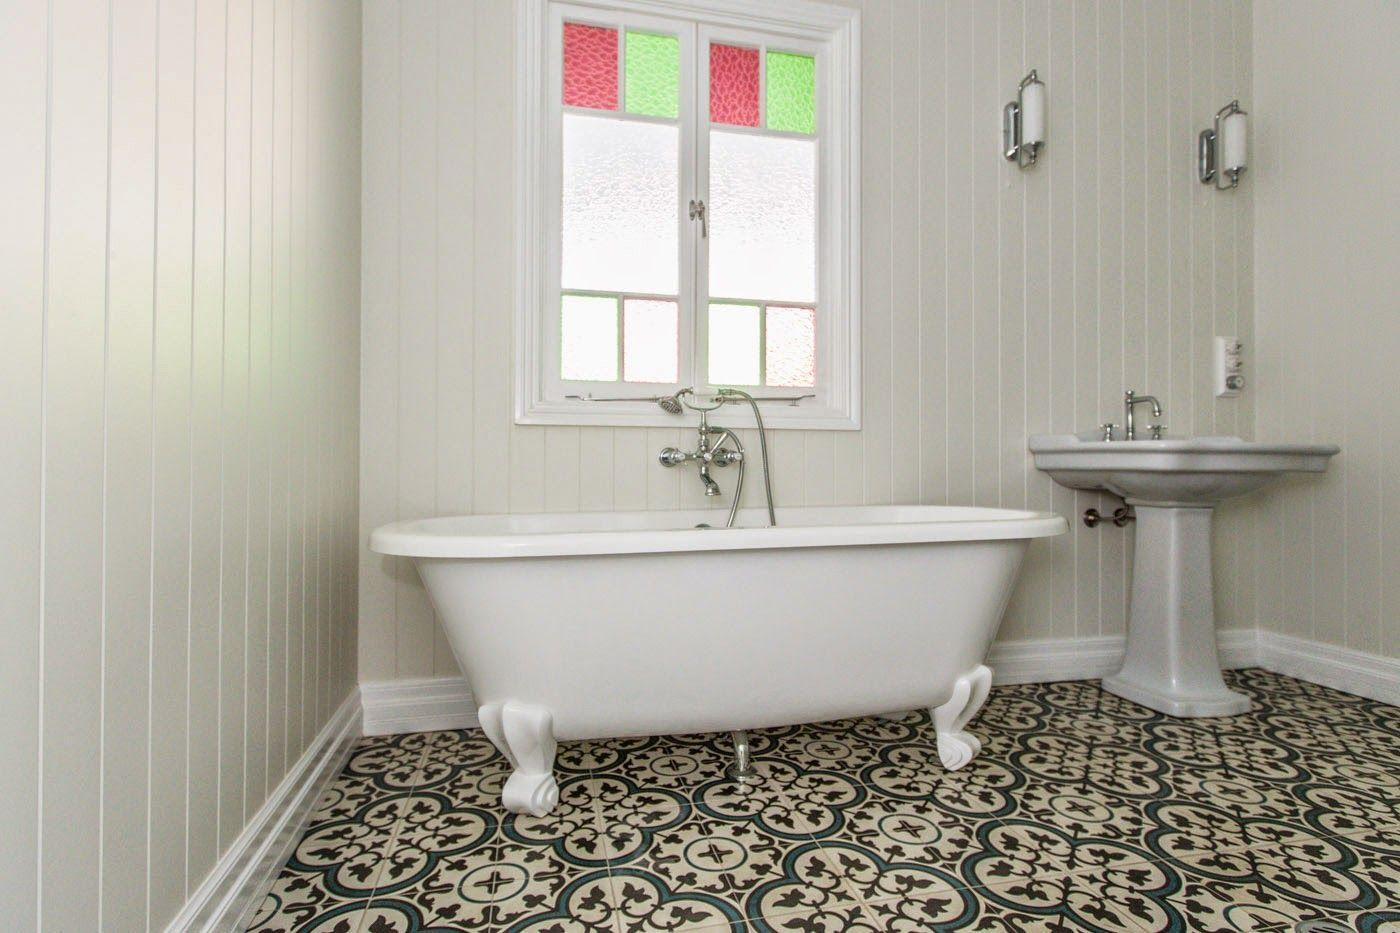 Renovating a Queenslander: Bathrooms  Vintage bathroom tile, Tile